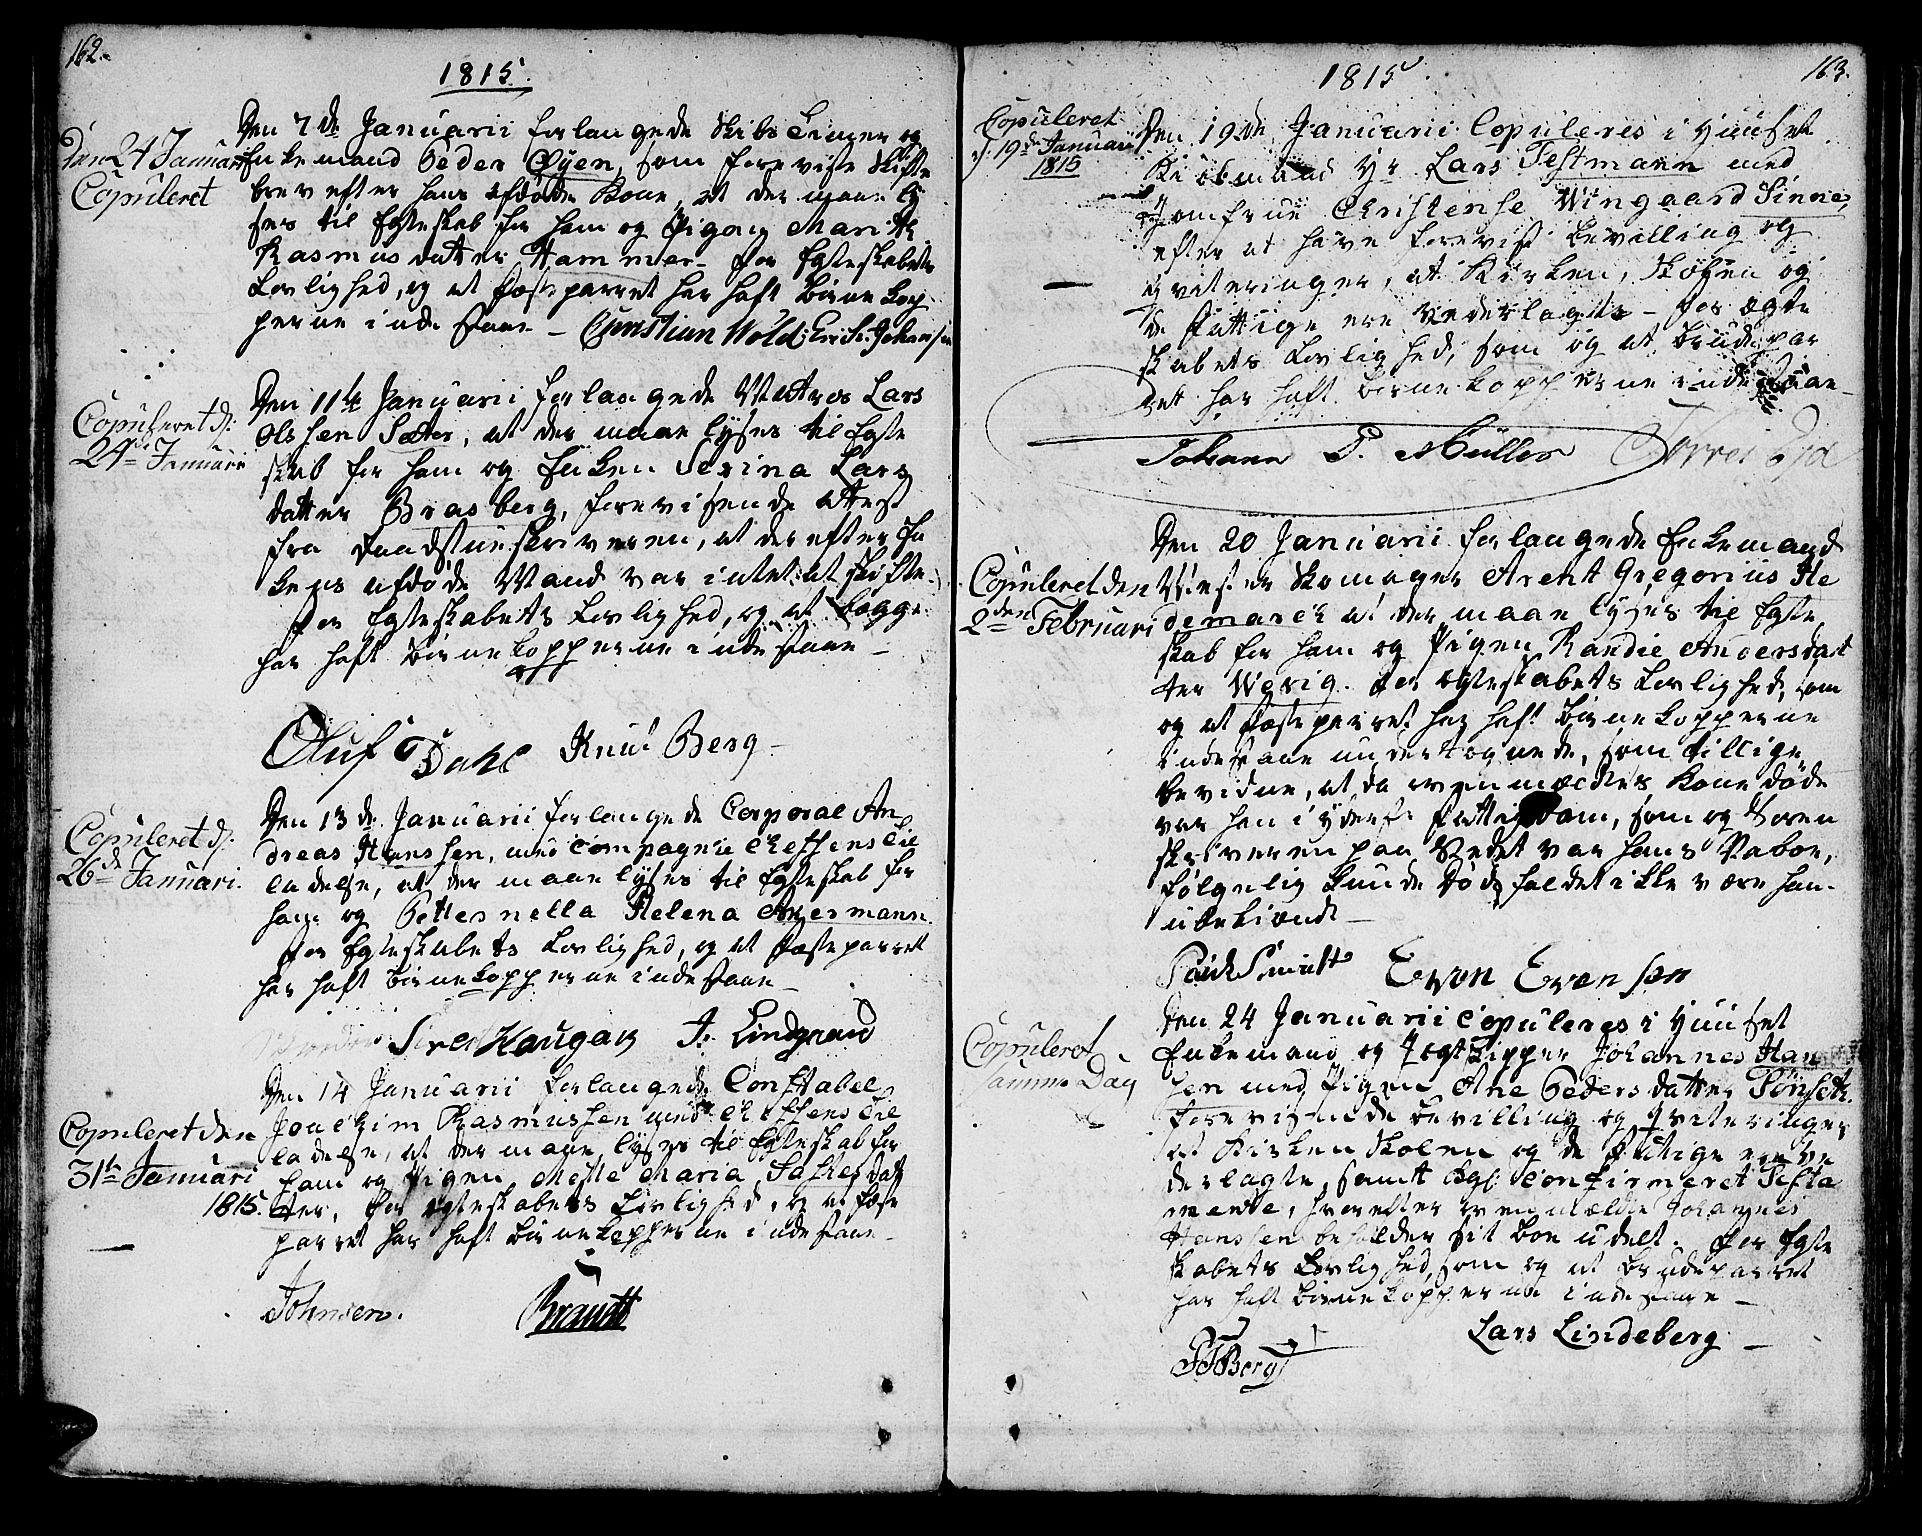 SAT, Ministerialprotokoller, klokkerbøker og fødselsregistre - Sør-Trøndelag, 601/L0042: Ministerialbok nr. 601A10, 1802-1830, s. 162-163